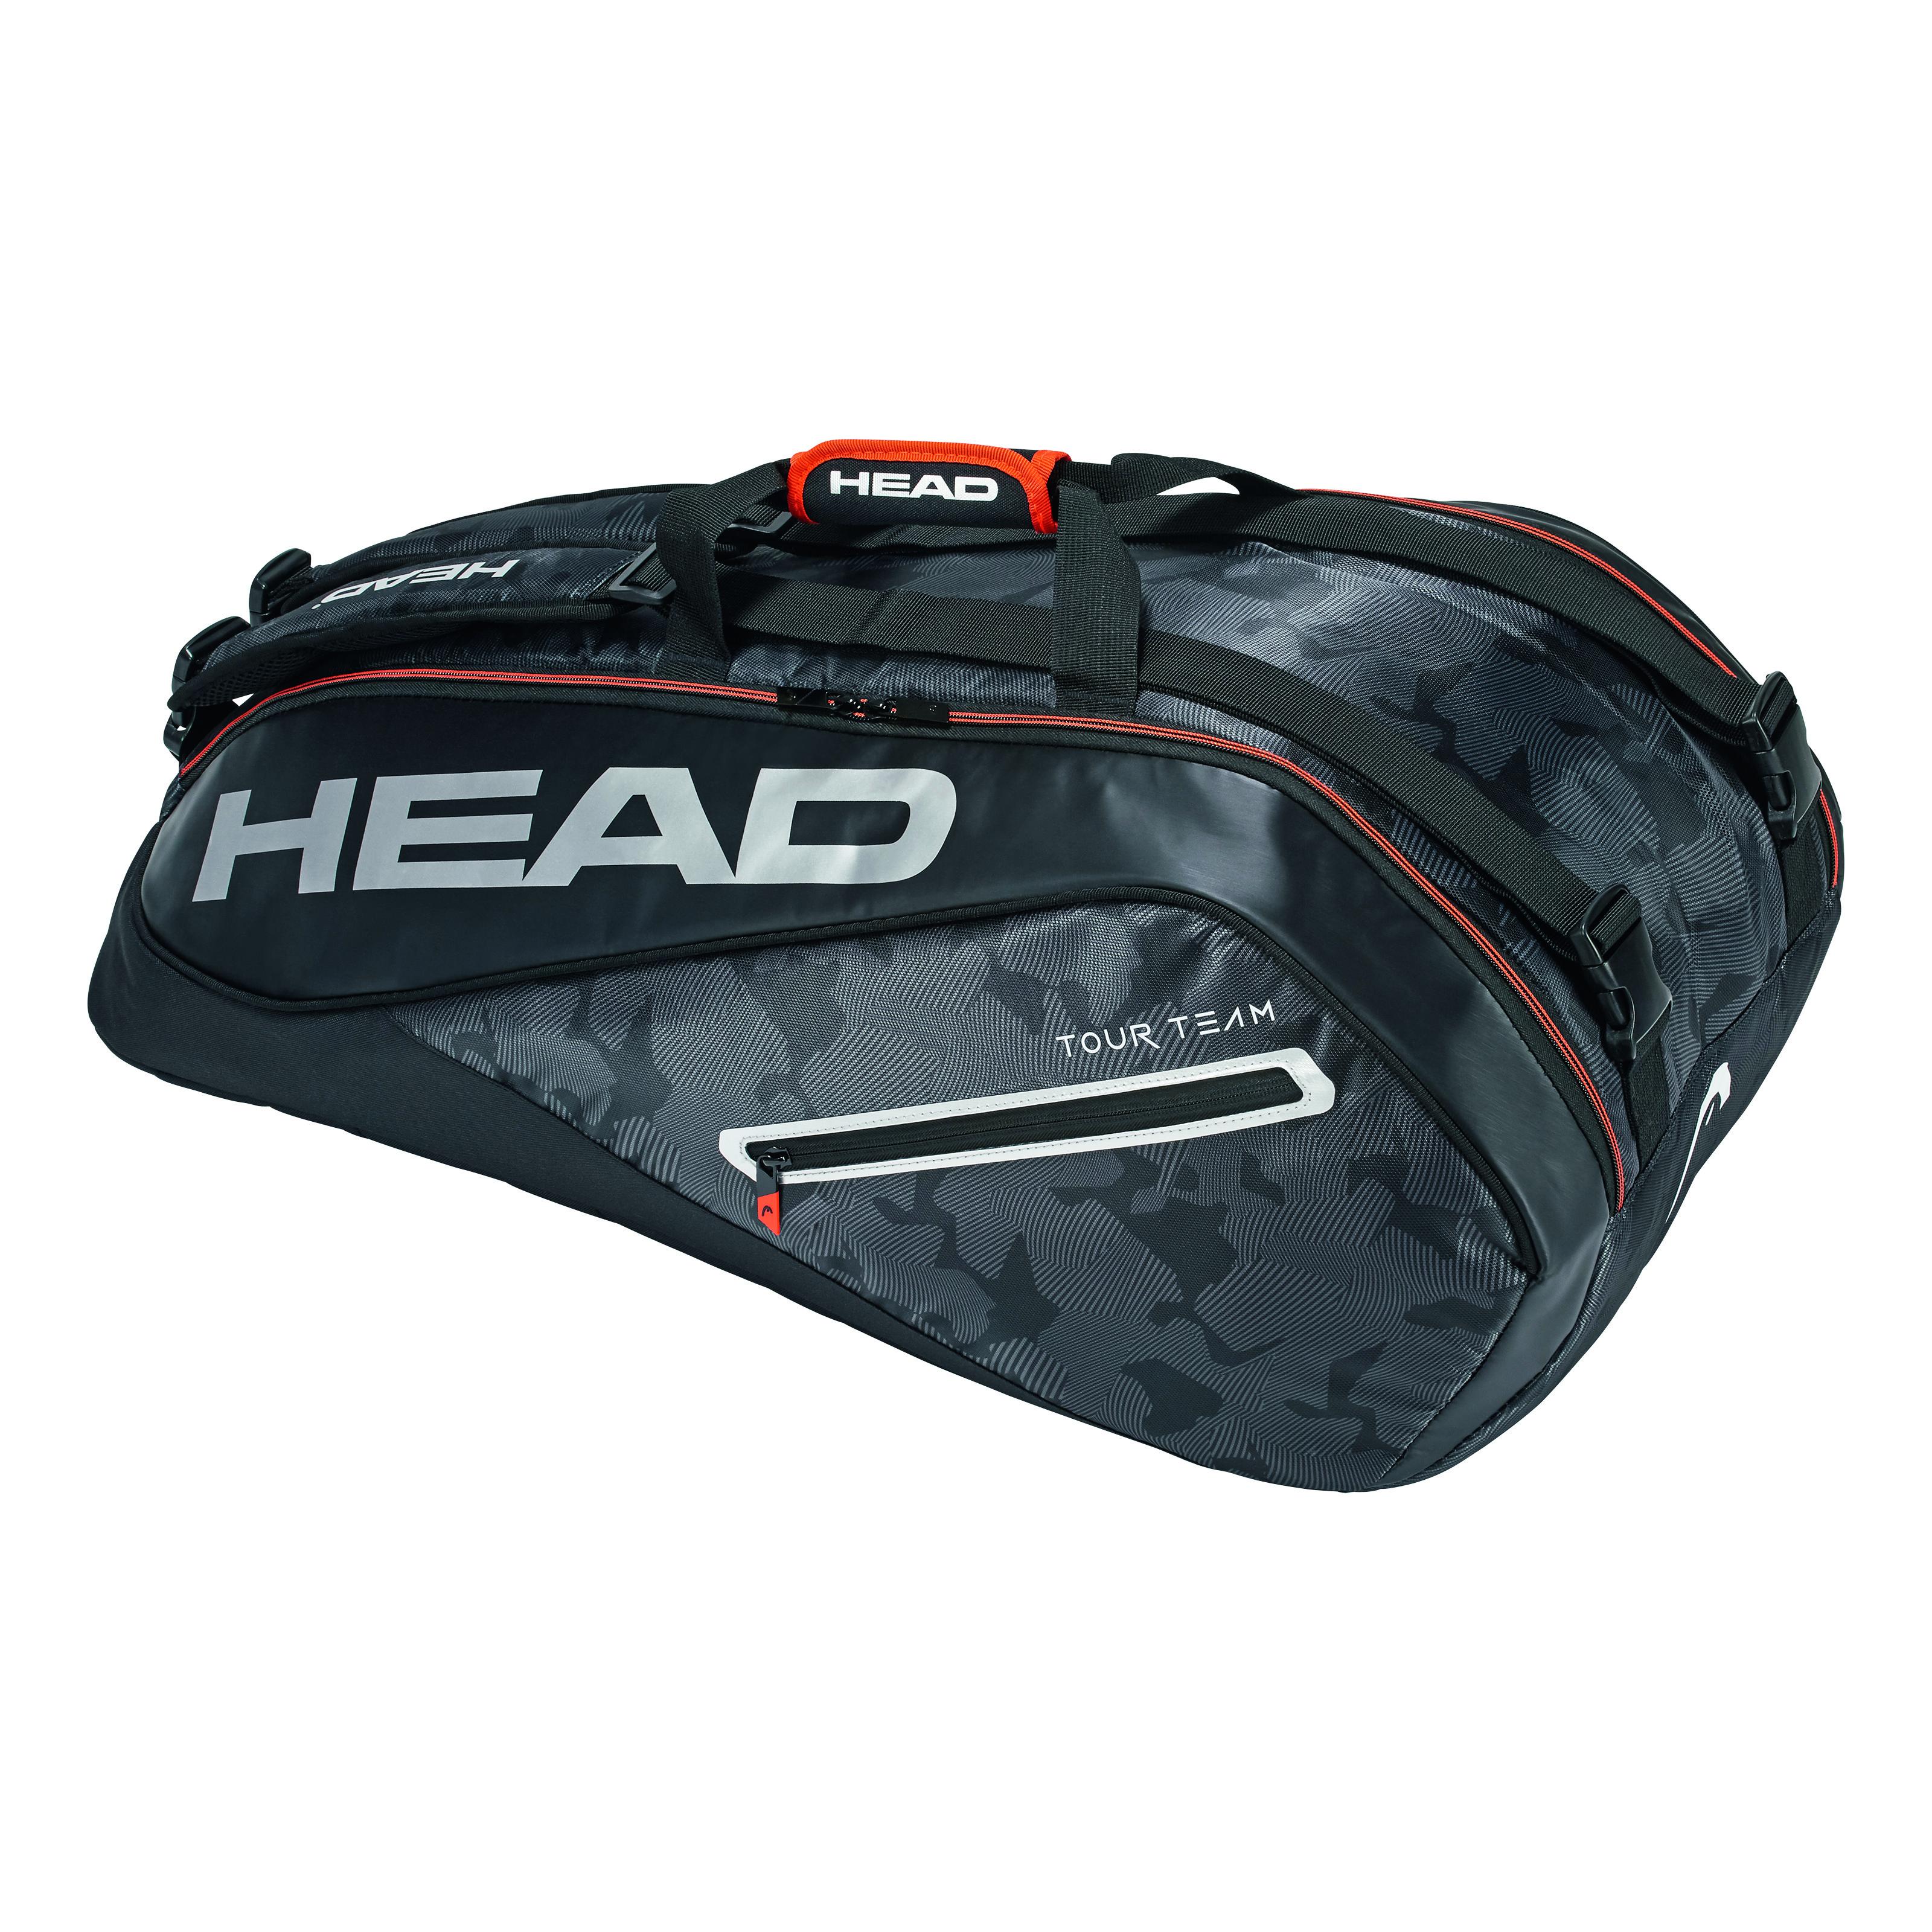 HEAD Tour Team 9R Supercombi Black/Silver 2018